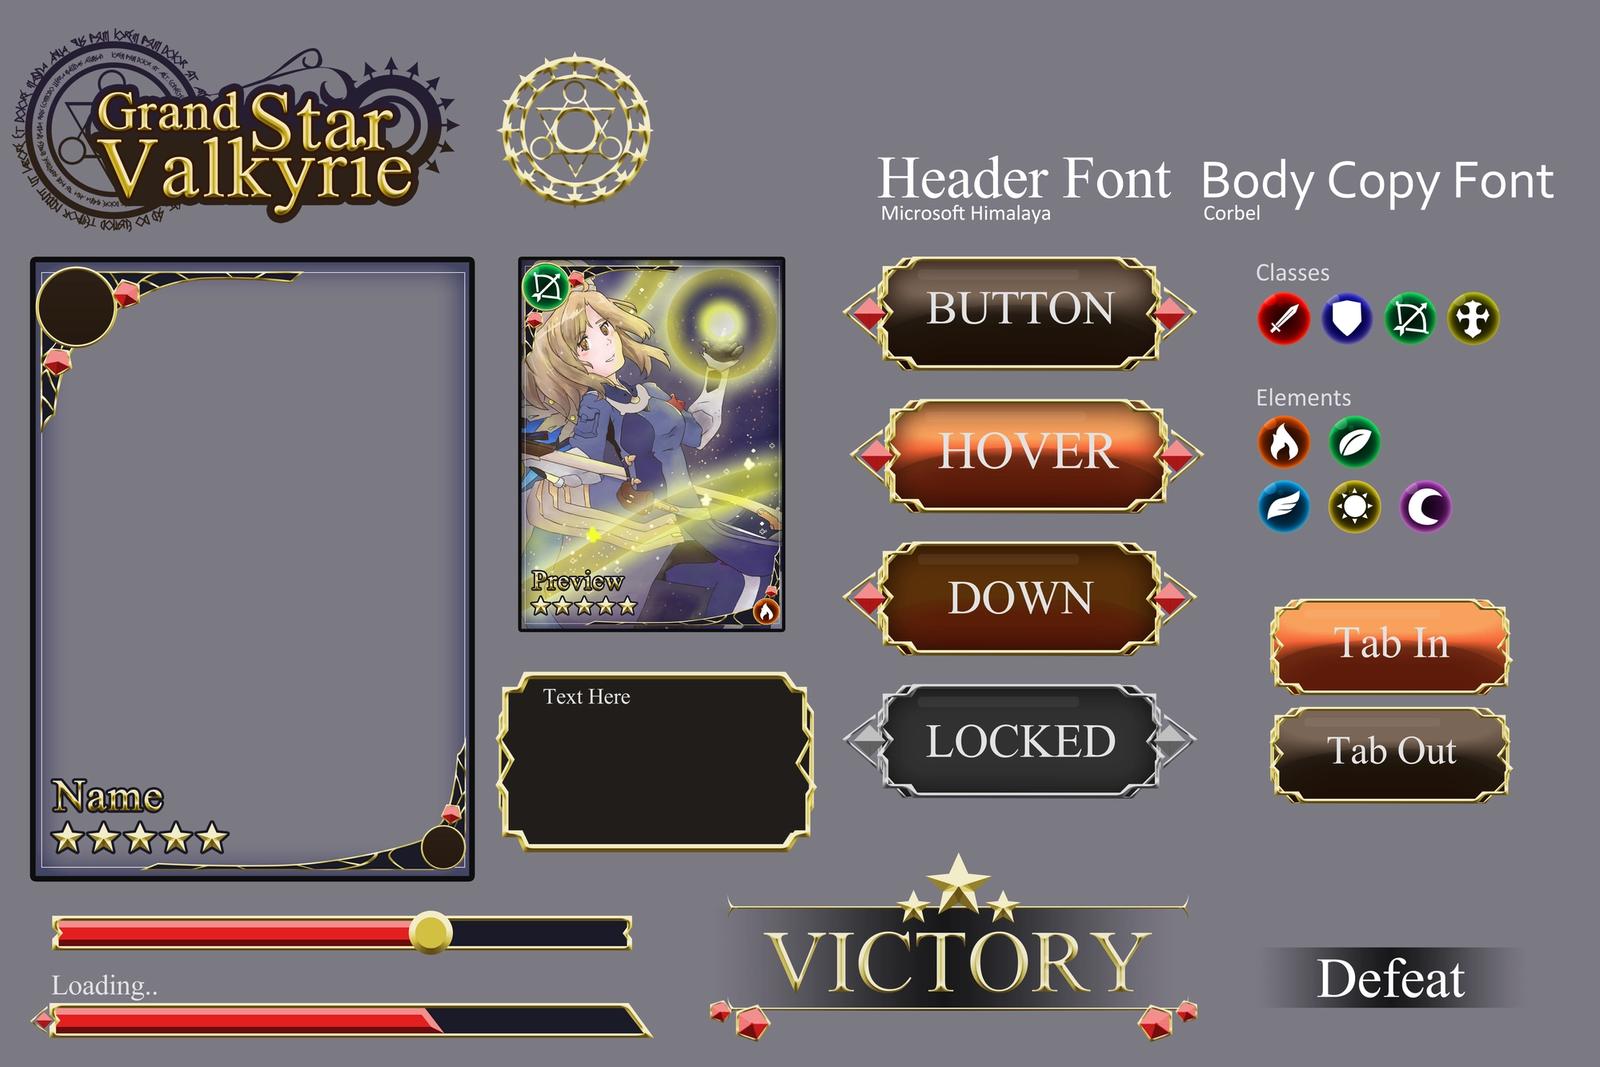 Grand Star Valkyrie